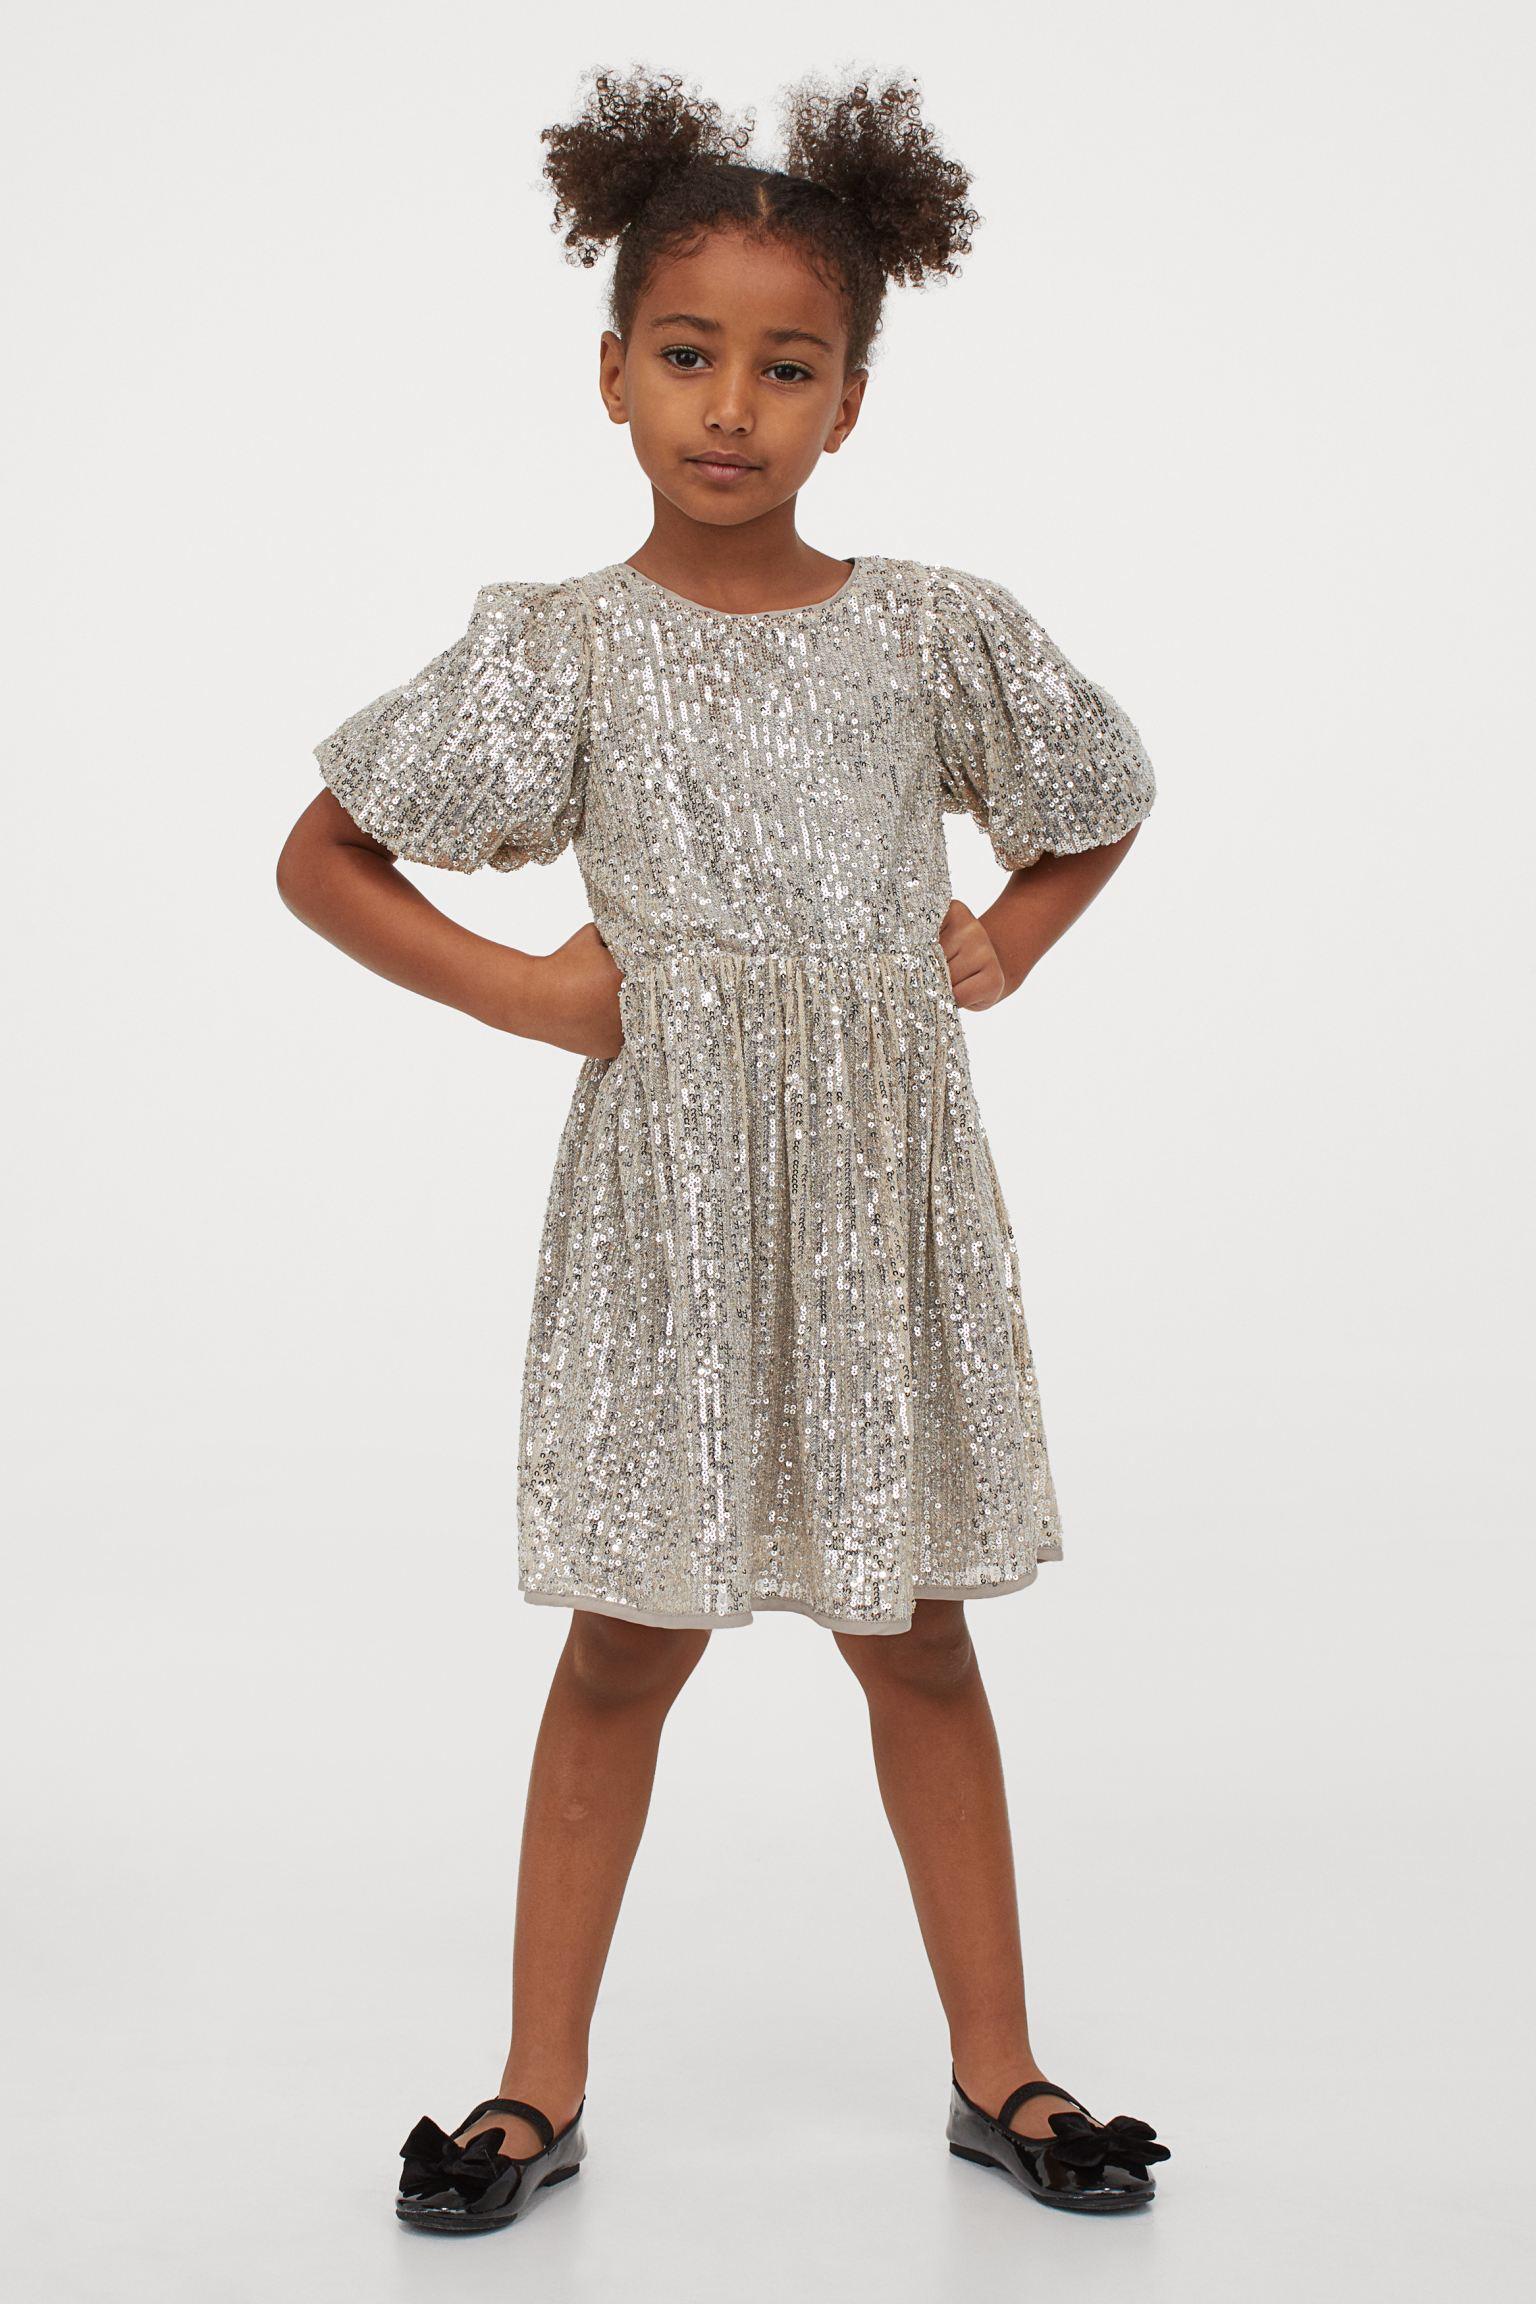 Vestido glitter de niña con mangas abullonadas